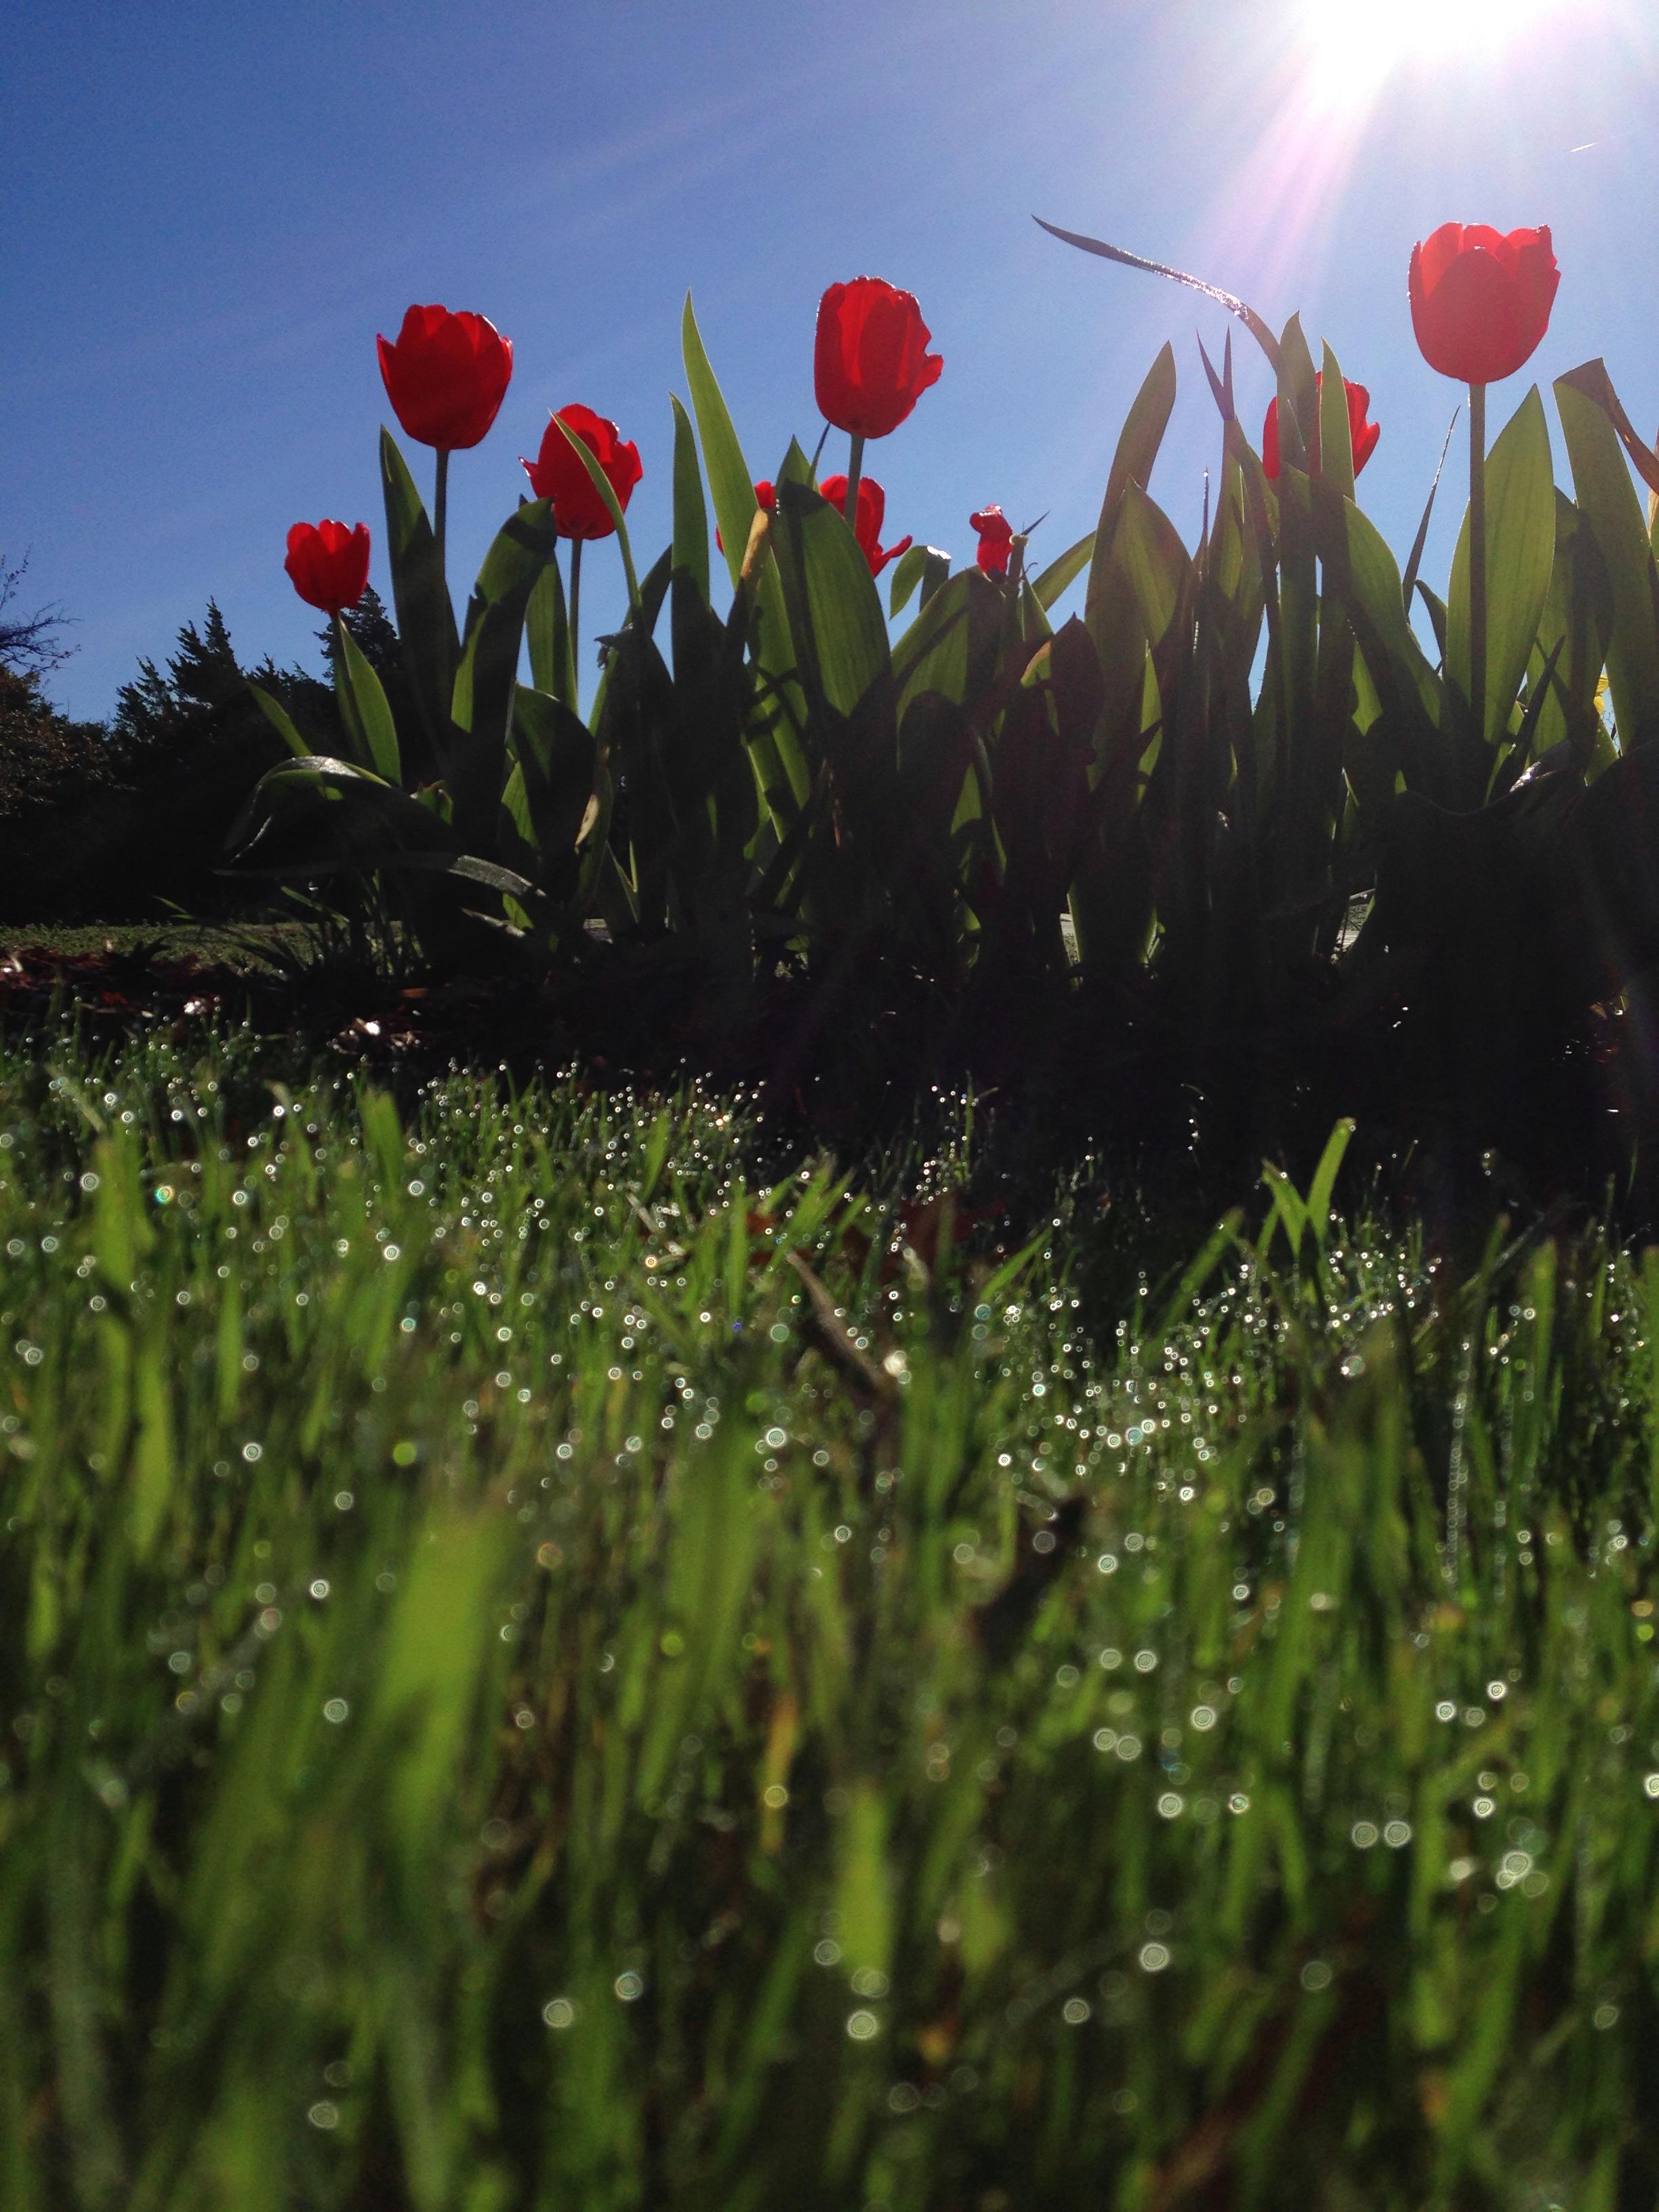 Free nature field lawn meadow sunlight leaf flower